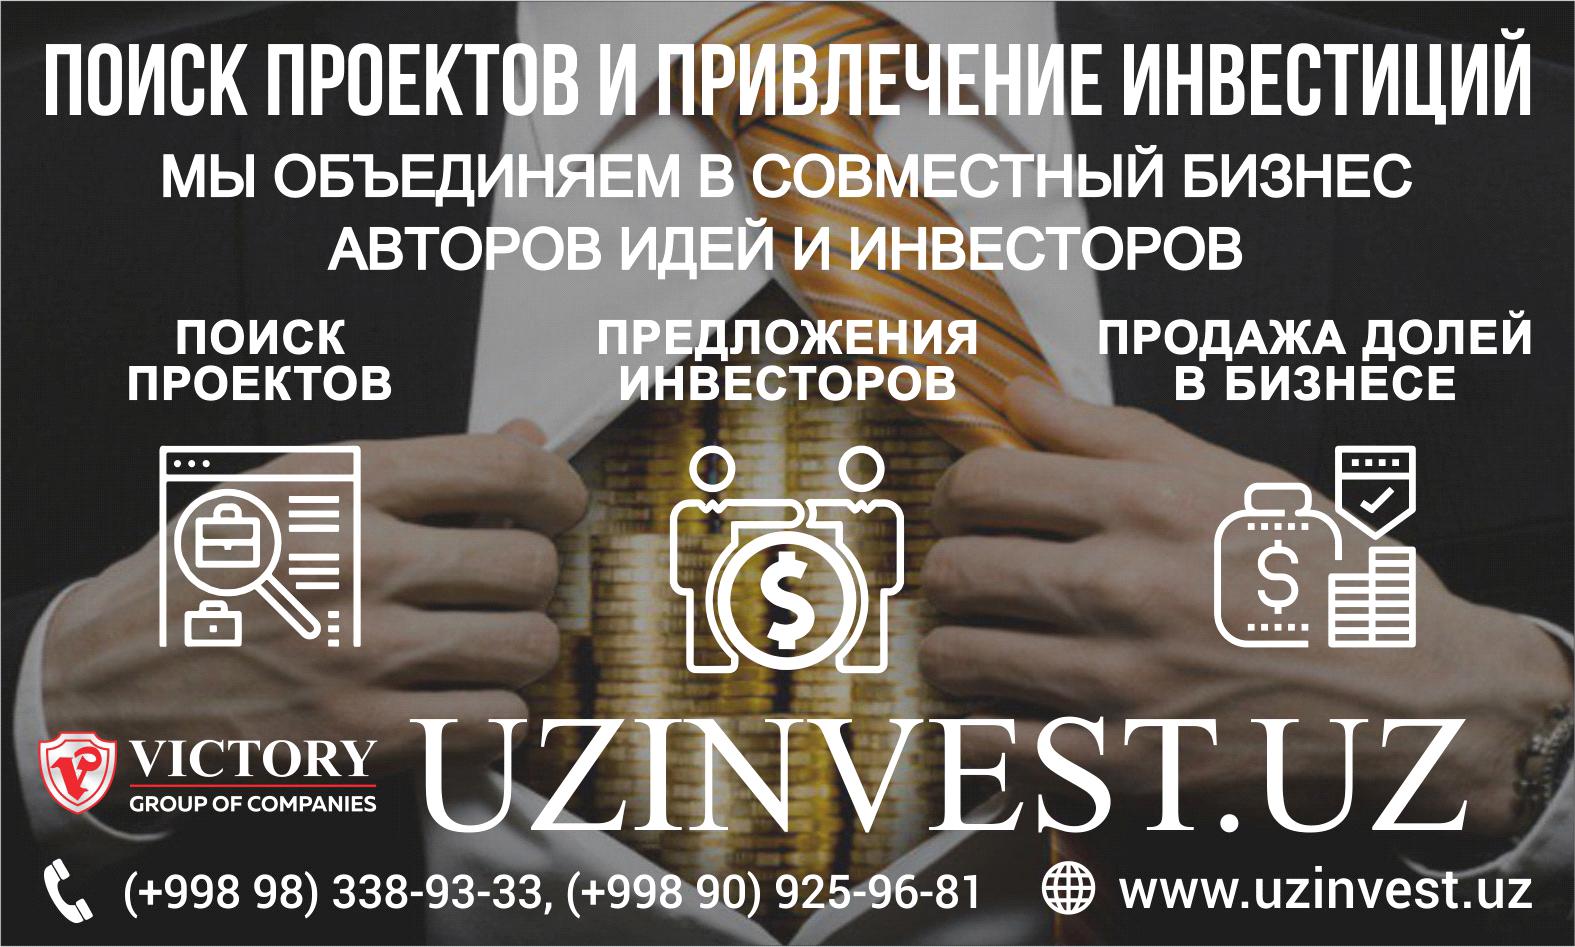 Как найти куда инвестировать деньги взять кредит в другой стране онлайн